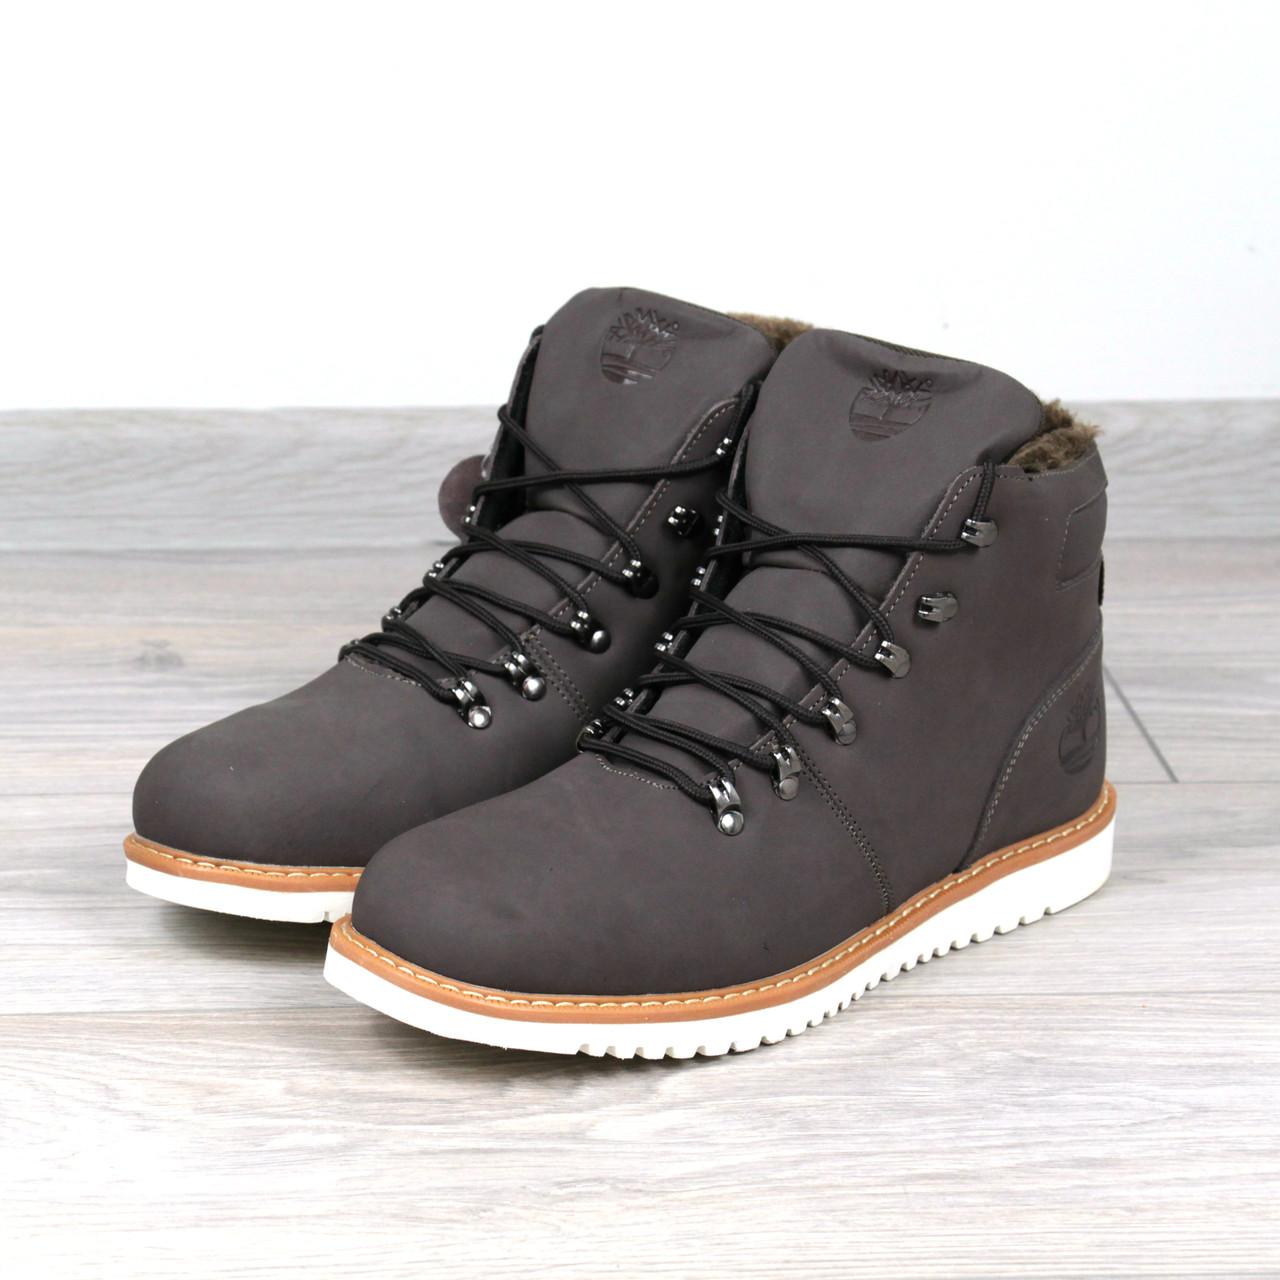 Ботинки Мужские зимние Timberland коричневые мех, зимняя обувь - Интернет- магазин